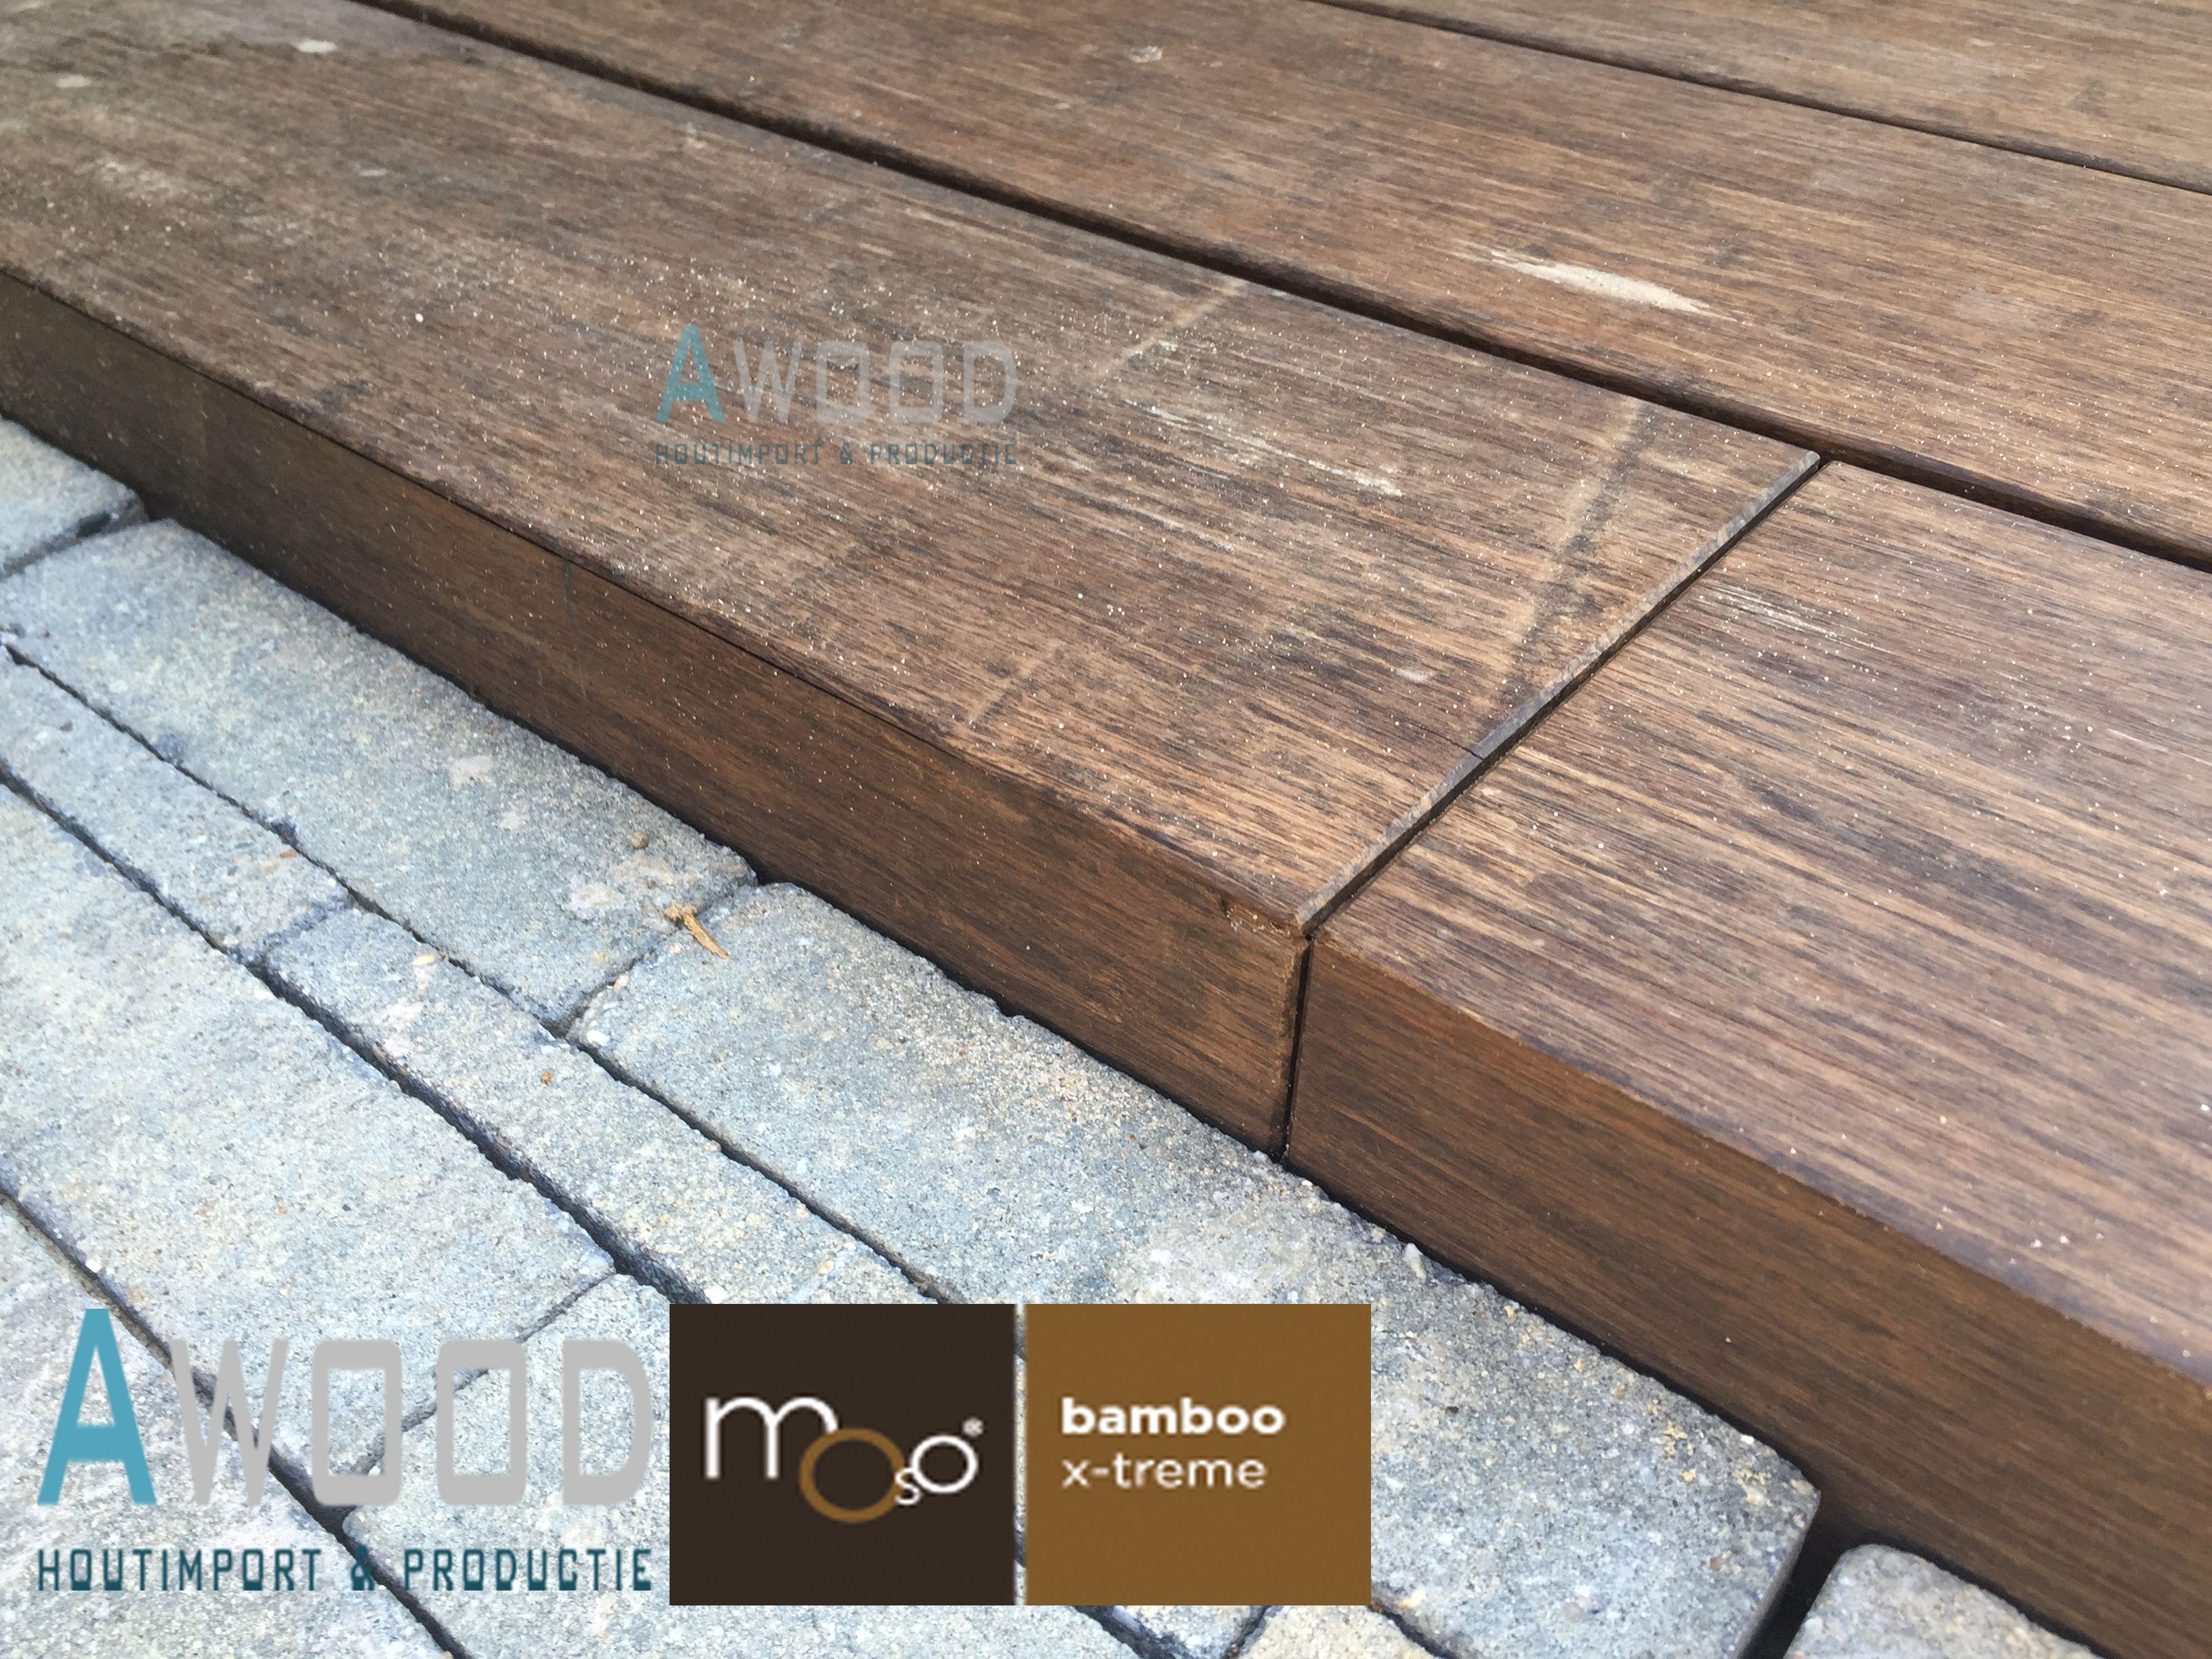 de moso bamboo xtreme 178 mm brede planken prima alternatief voor